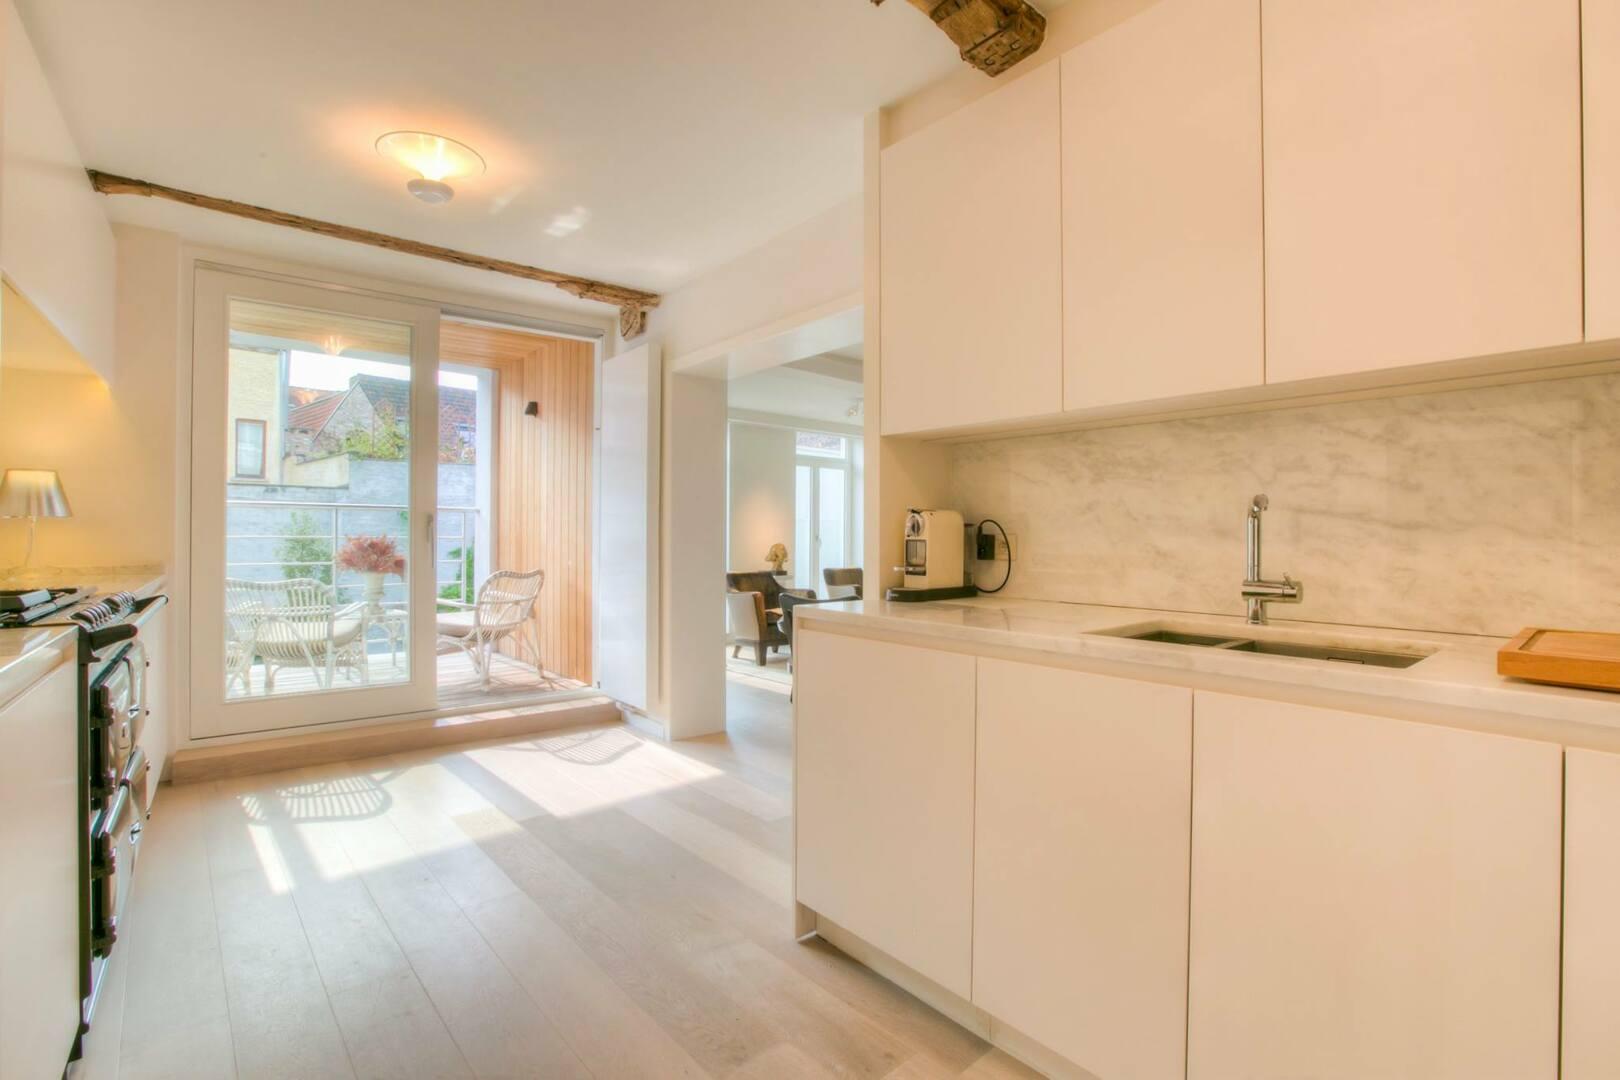 Exclusief appartement met terras in de kuip van Gent.